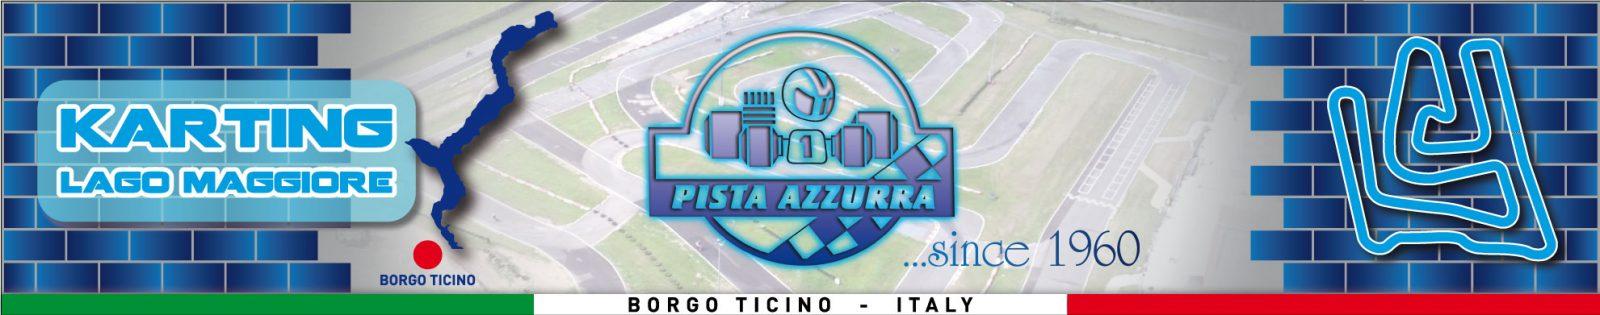 Pista Azzurra – Borgo Ticino